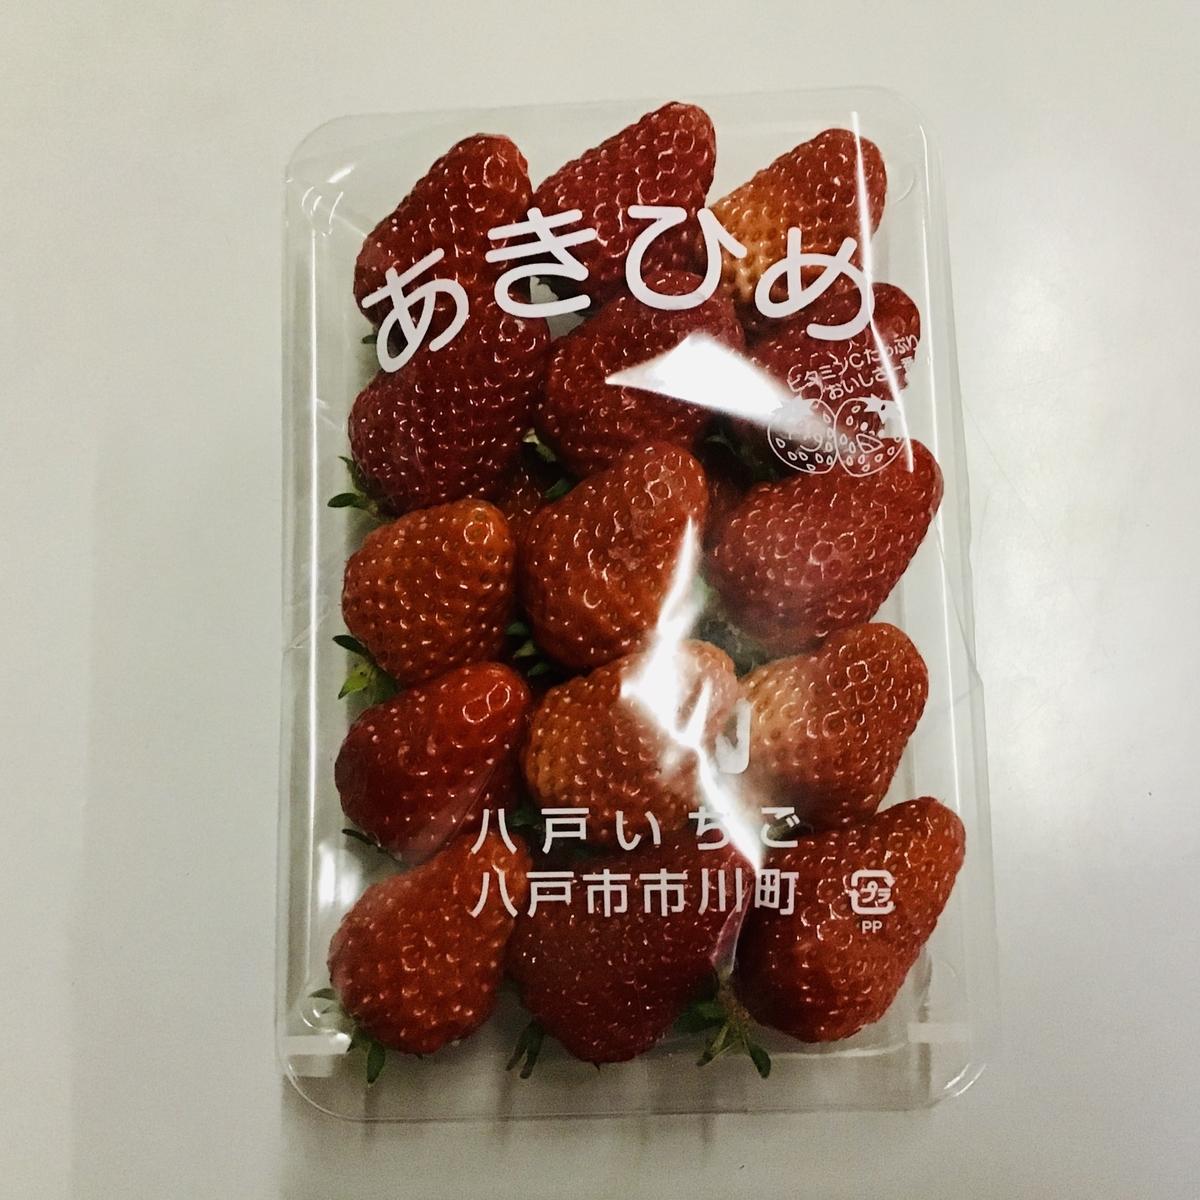 f:id:yumeusagiyukiusagi:20200403114923j:plain